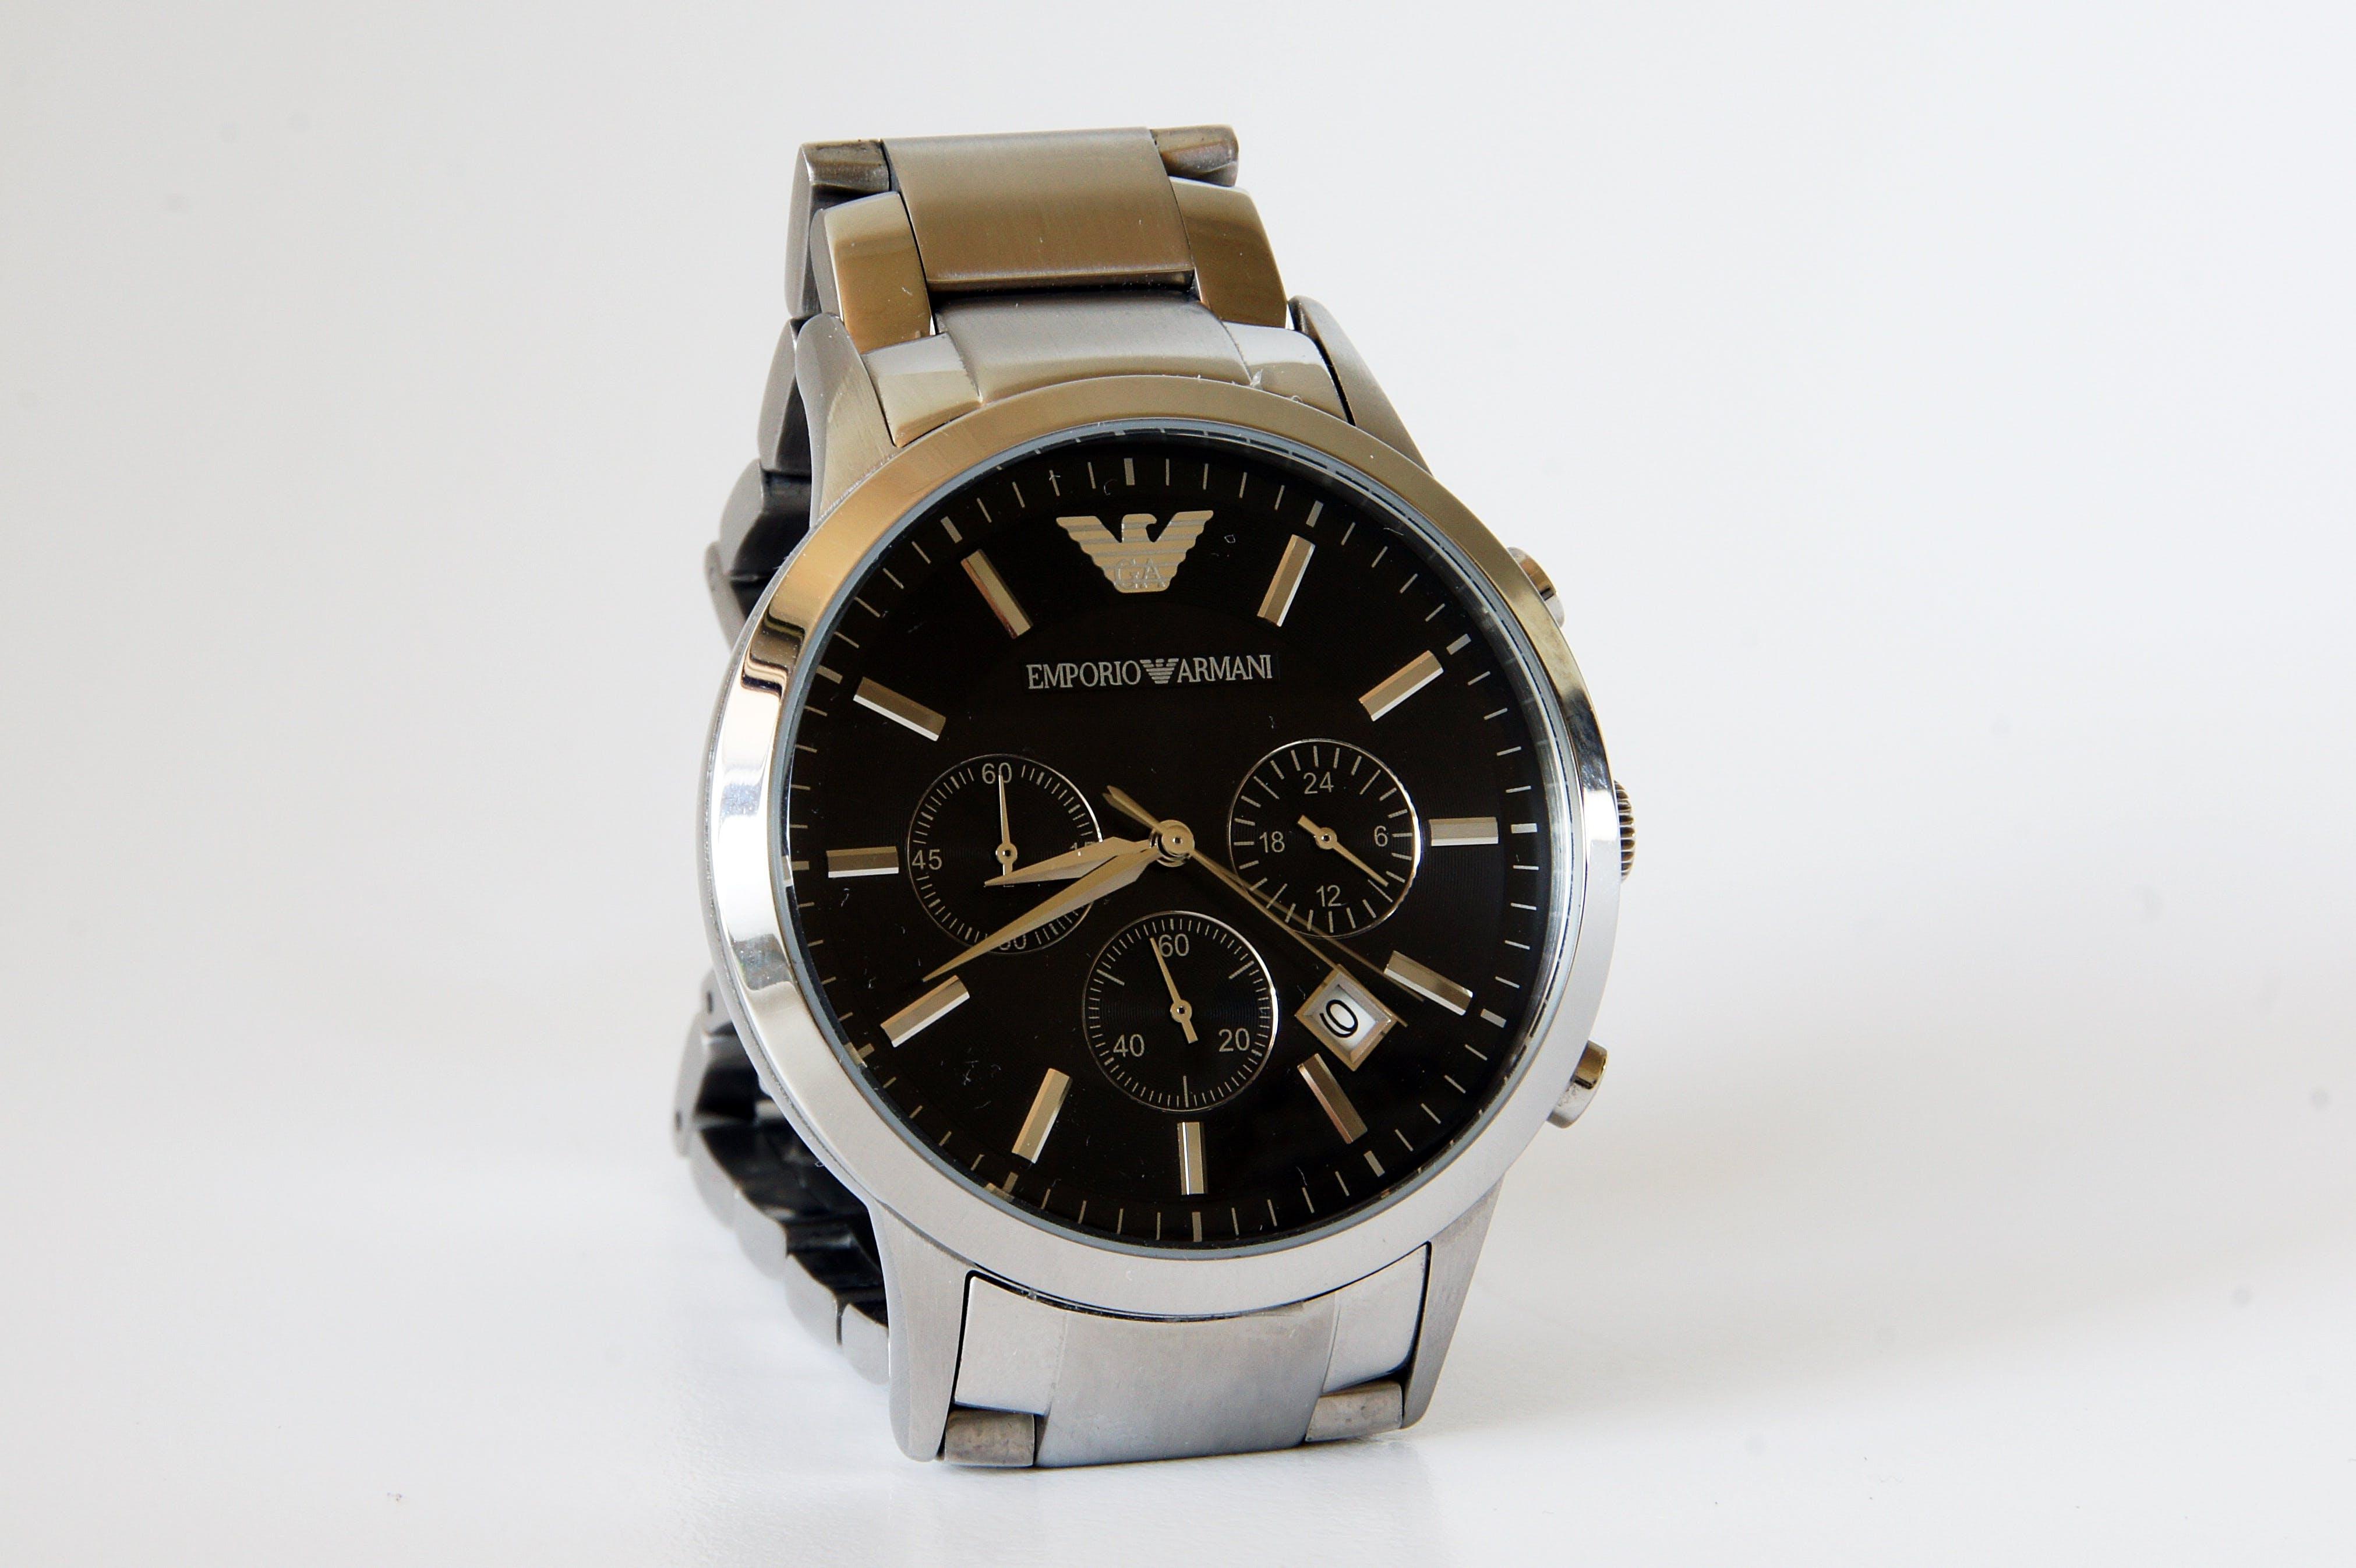 Round Silver-colored Emporio Armani Chronograph Watch